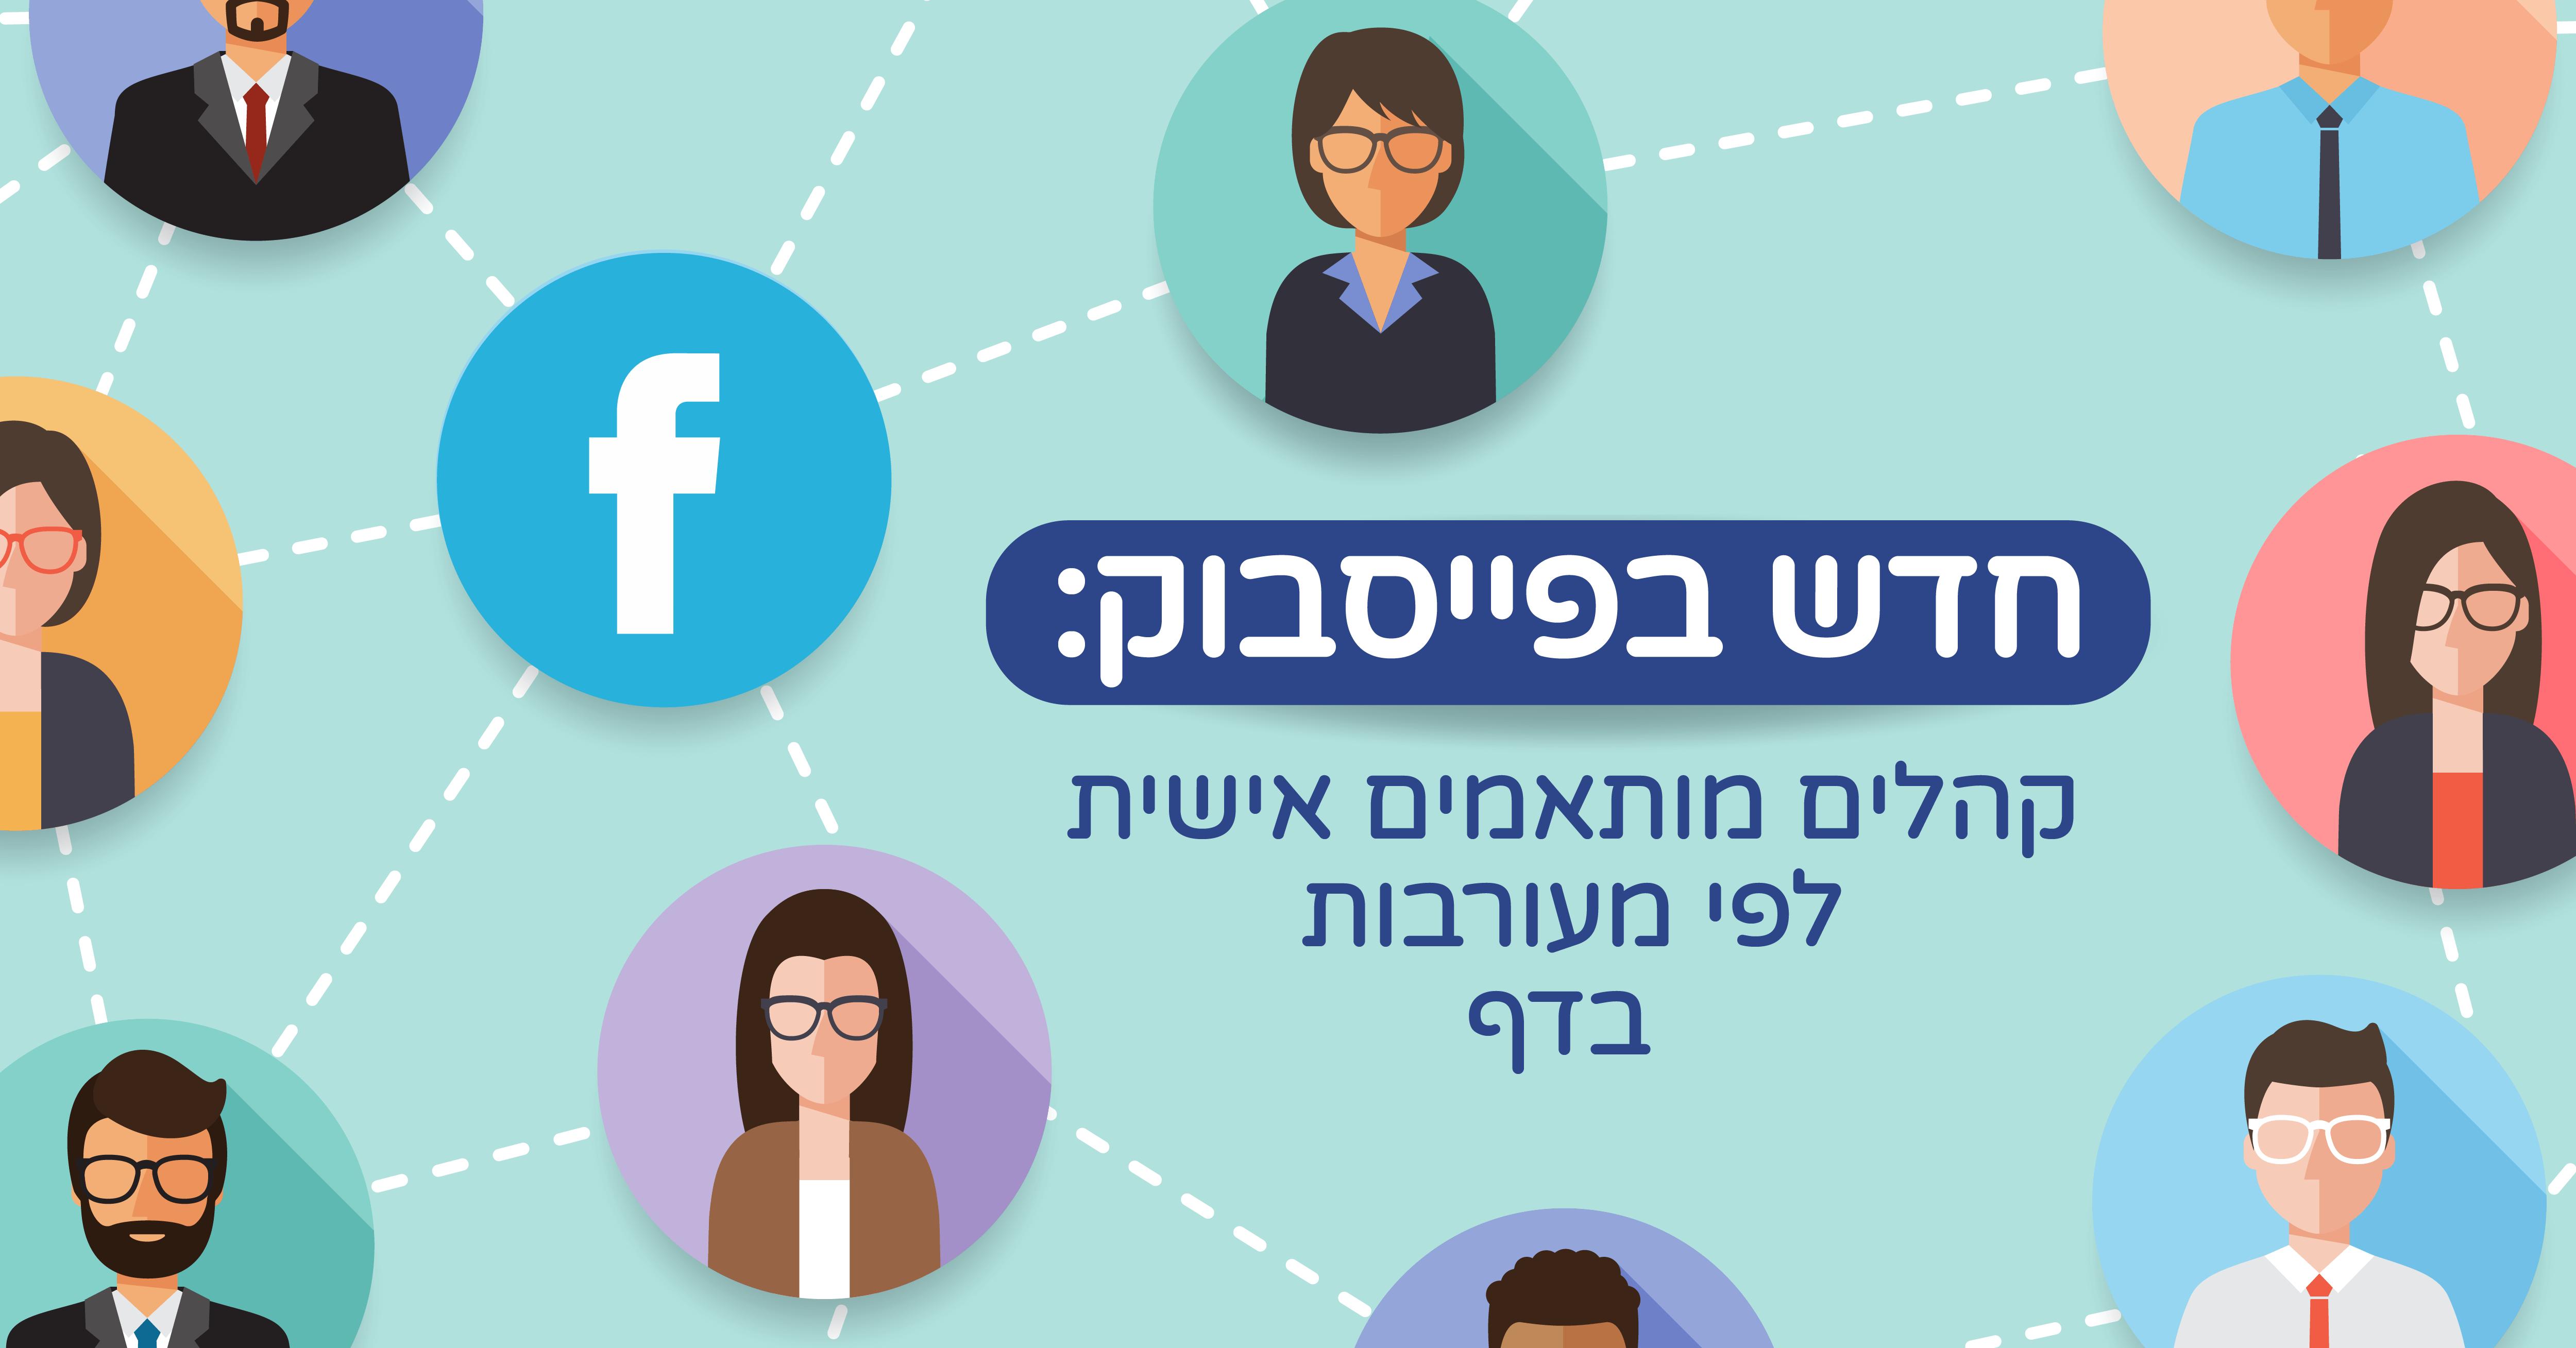 קהלים מותאמים אישית בפייסבוק - לפי מעורבות בדף